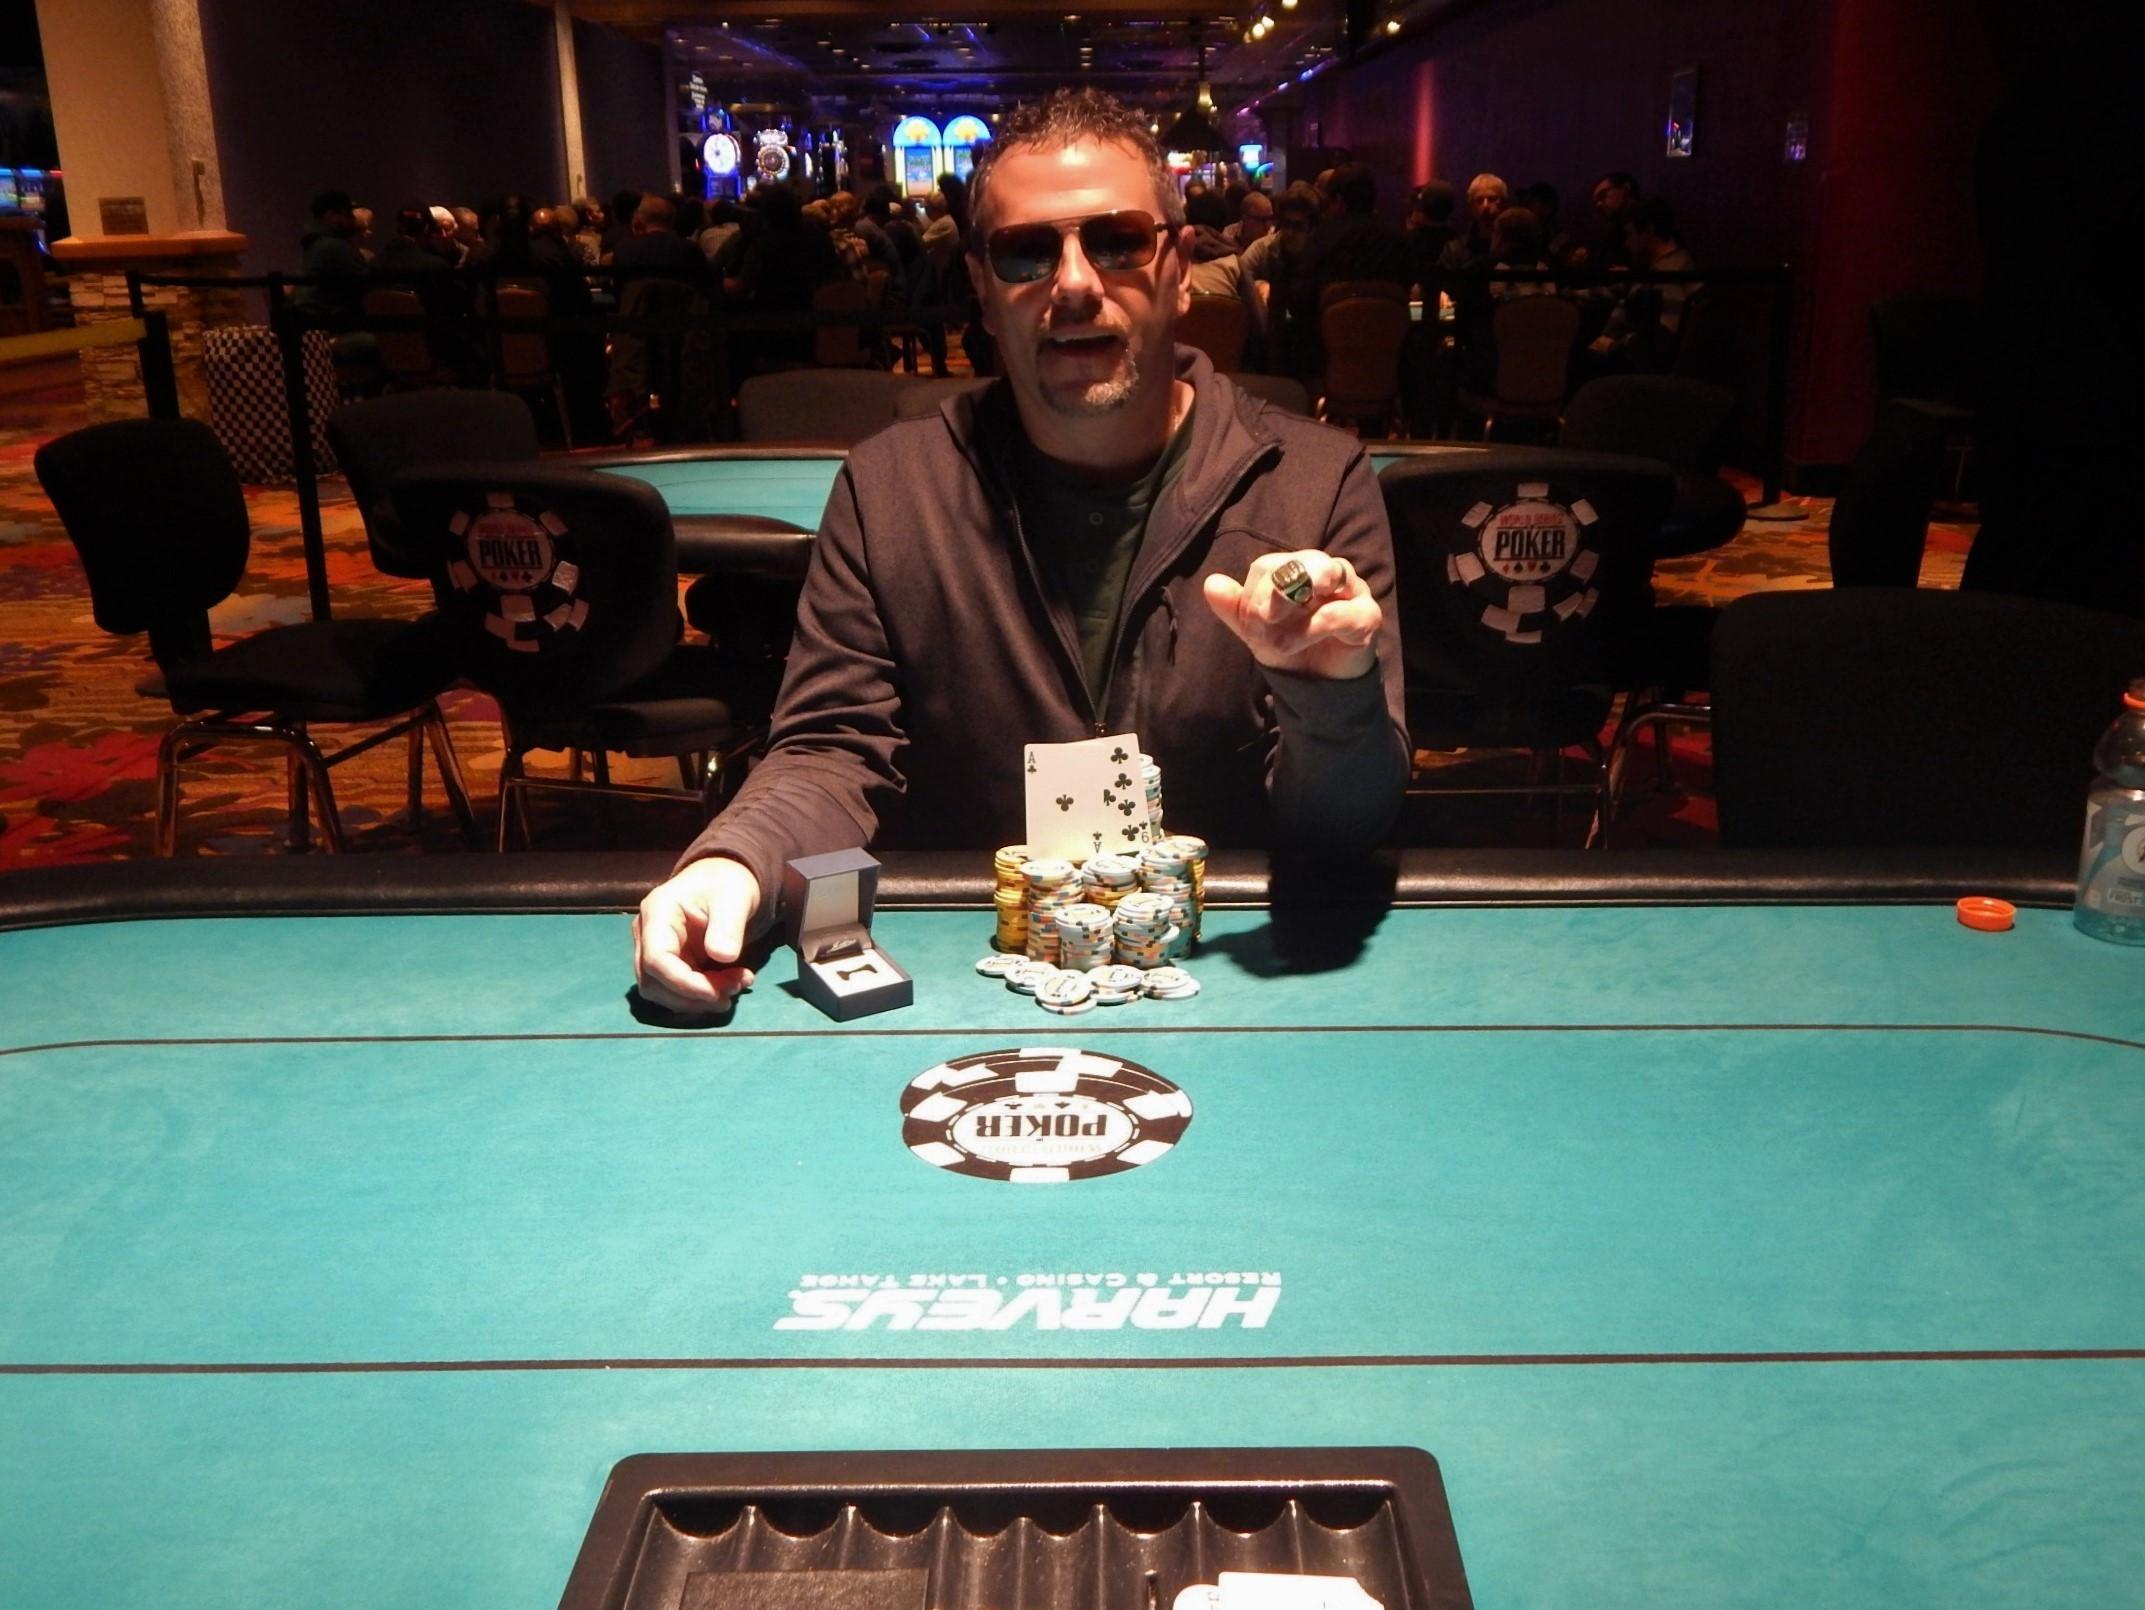 Graton poker tournament of champions baccarat betting pattern